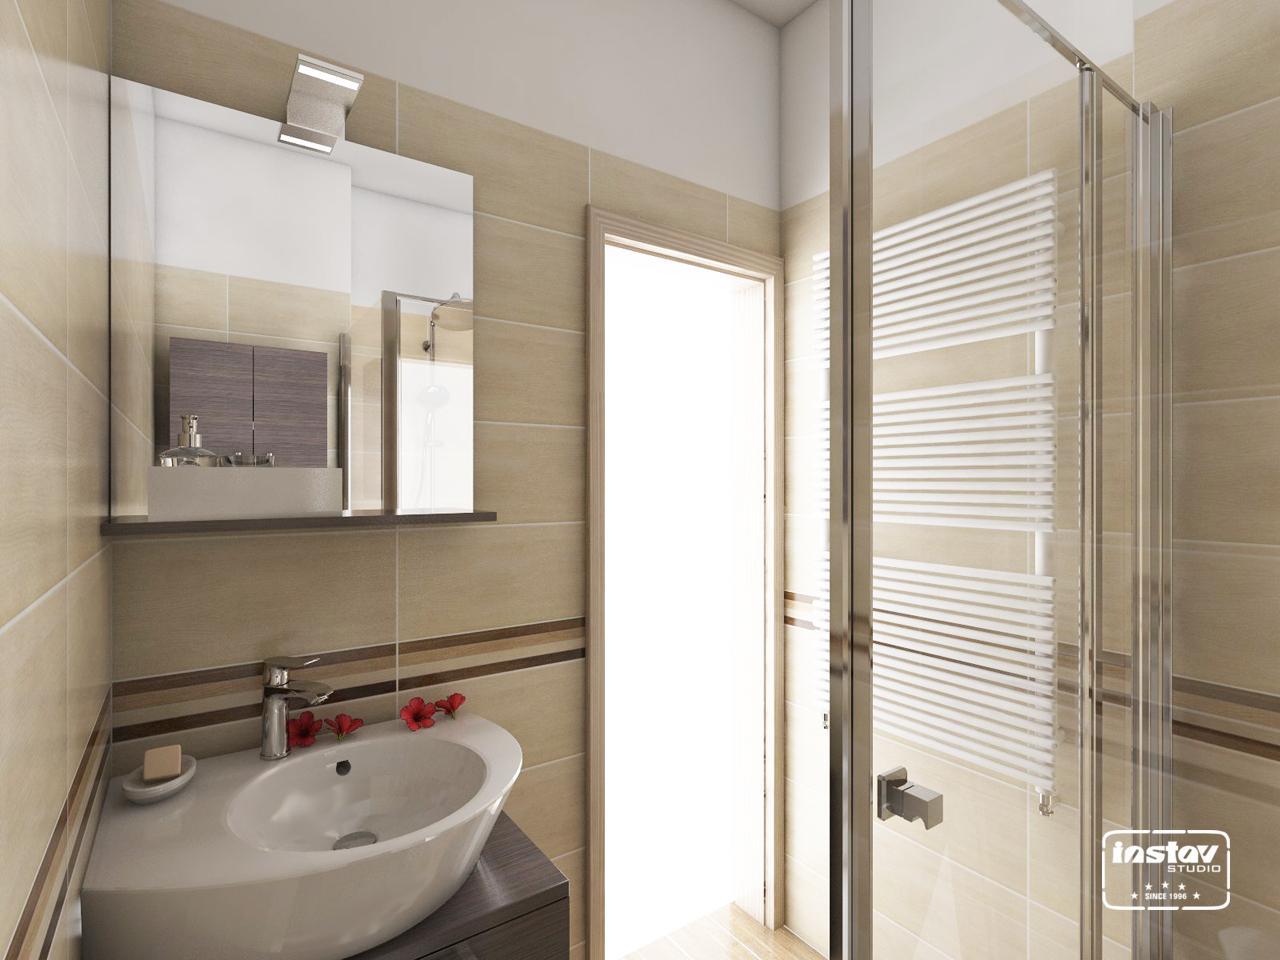 Vizualizácie kúpeľní - Vizualizácia kúpeľne - Ilma